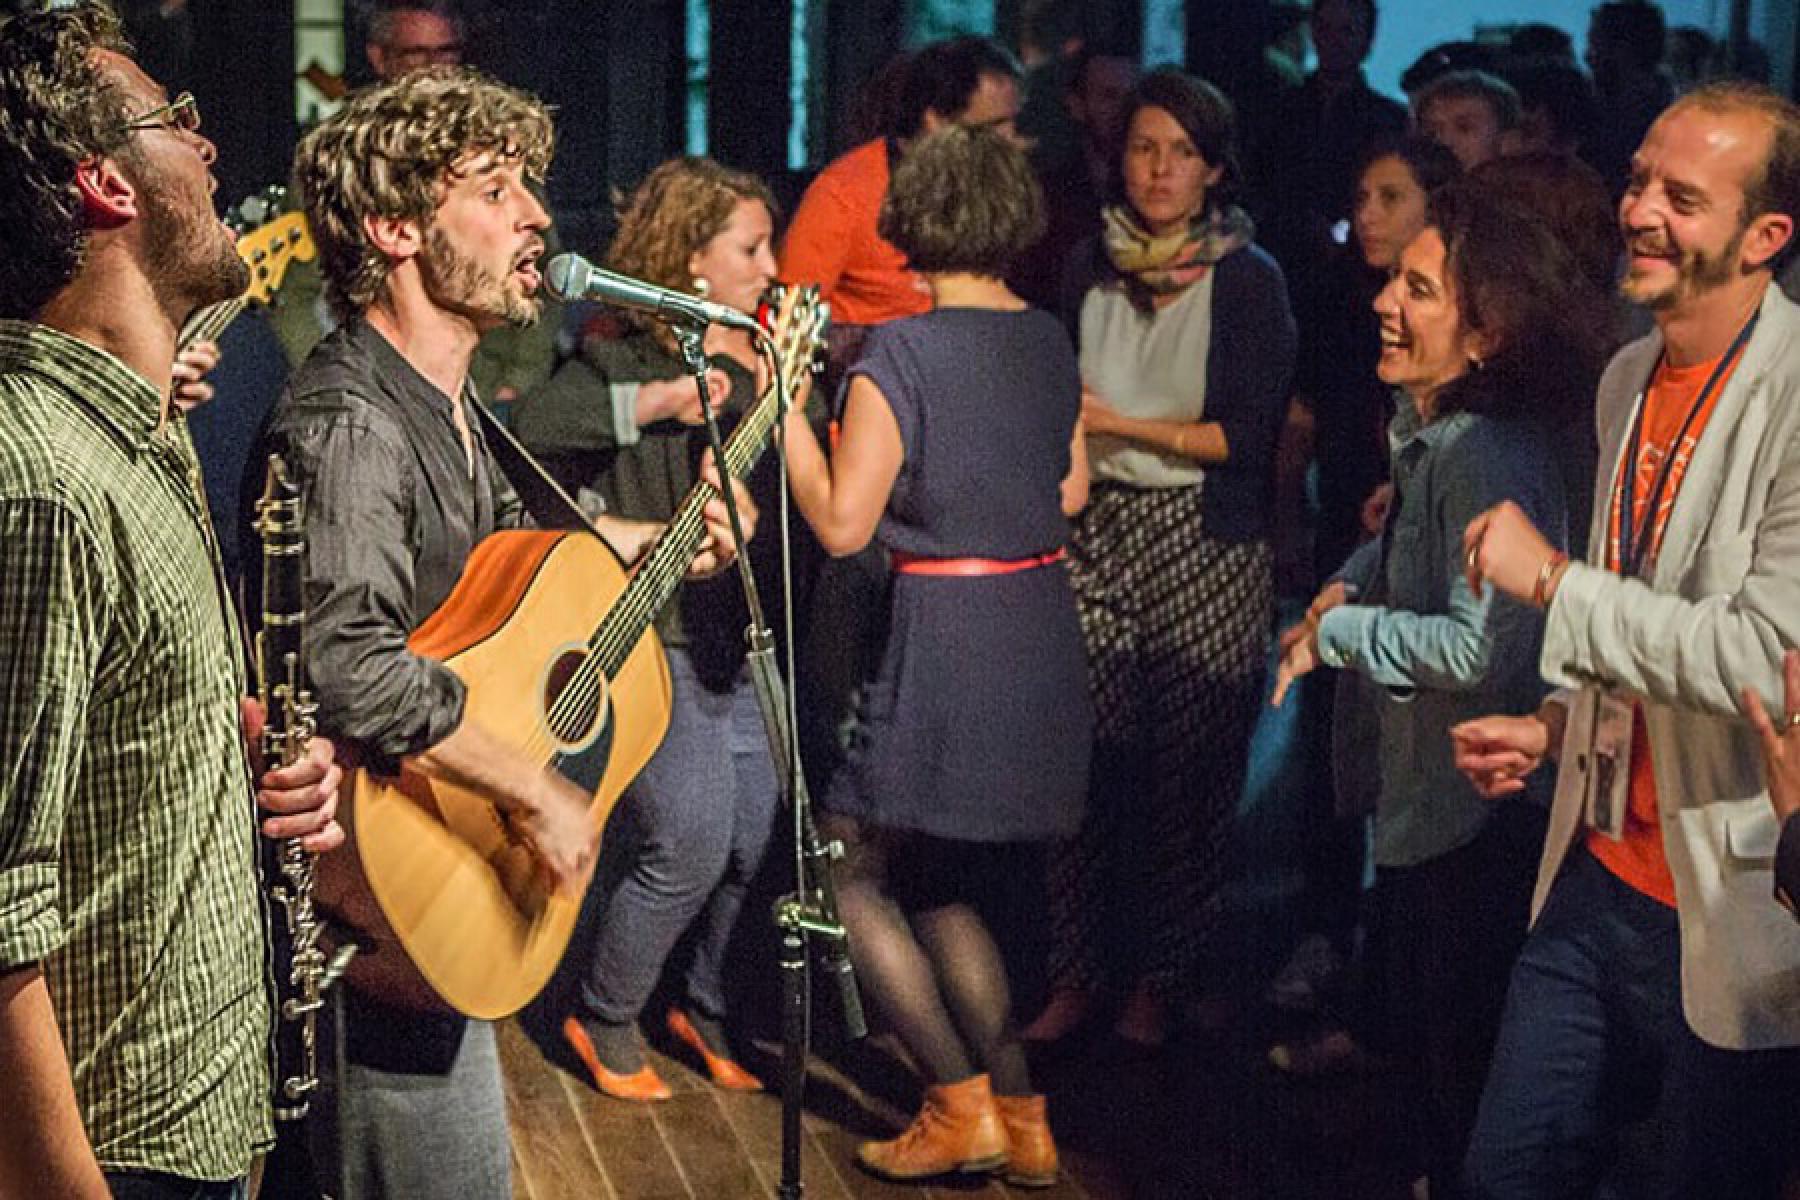 Band spielt Konzert vor tanzenden Menschen